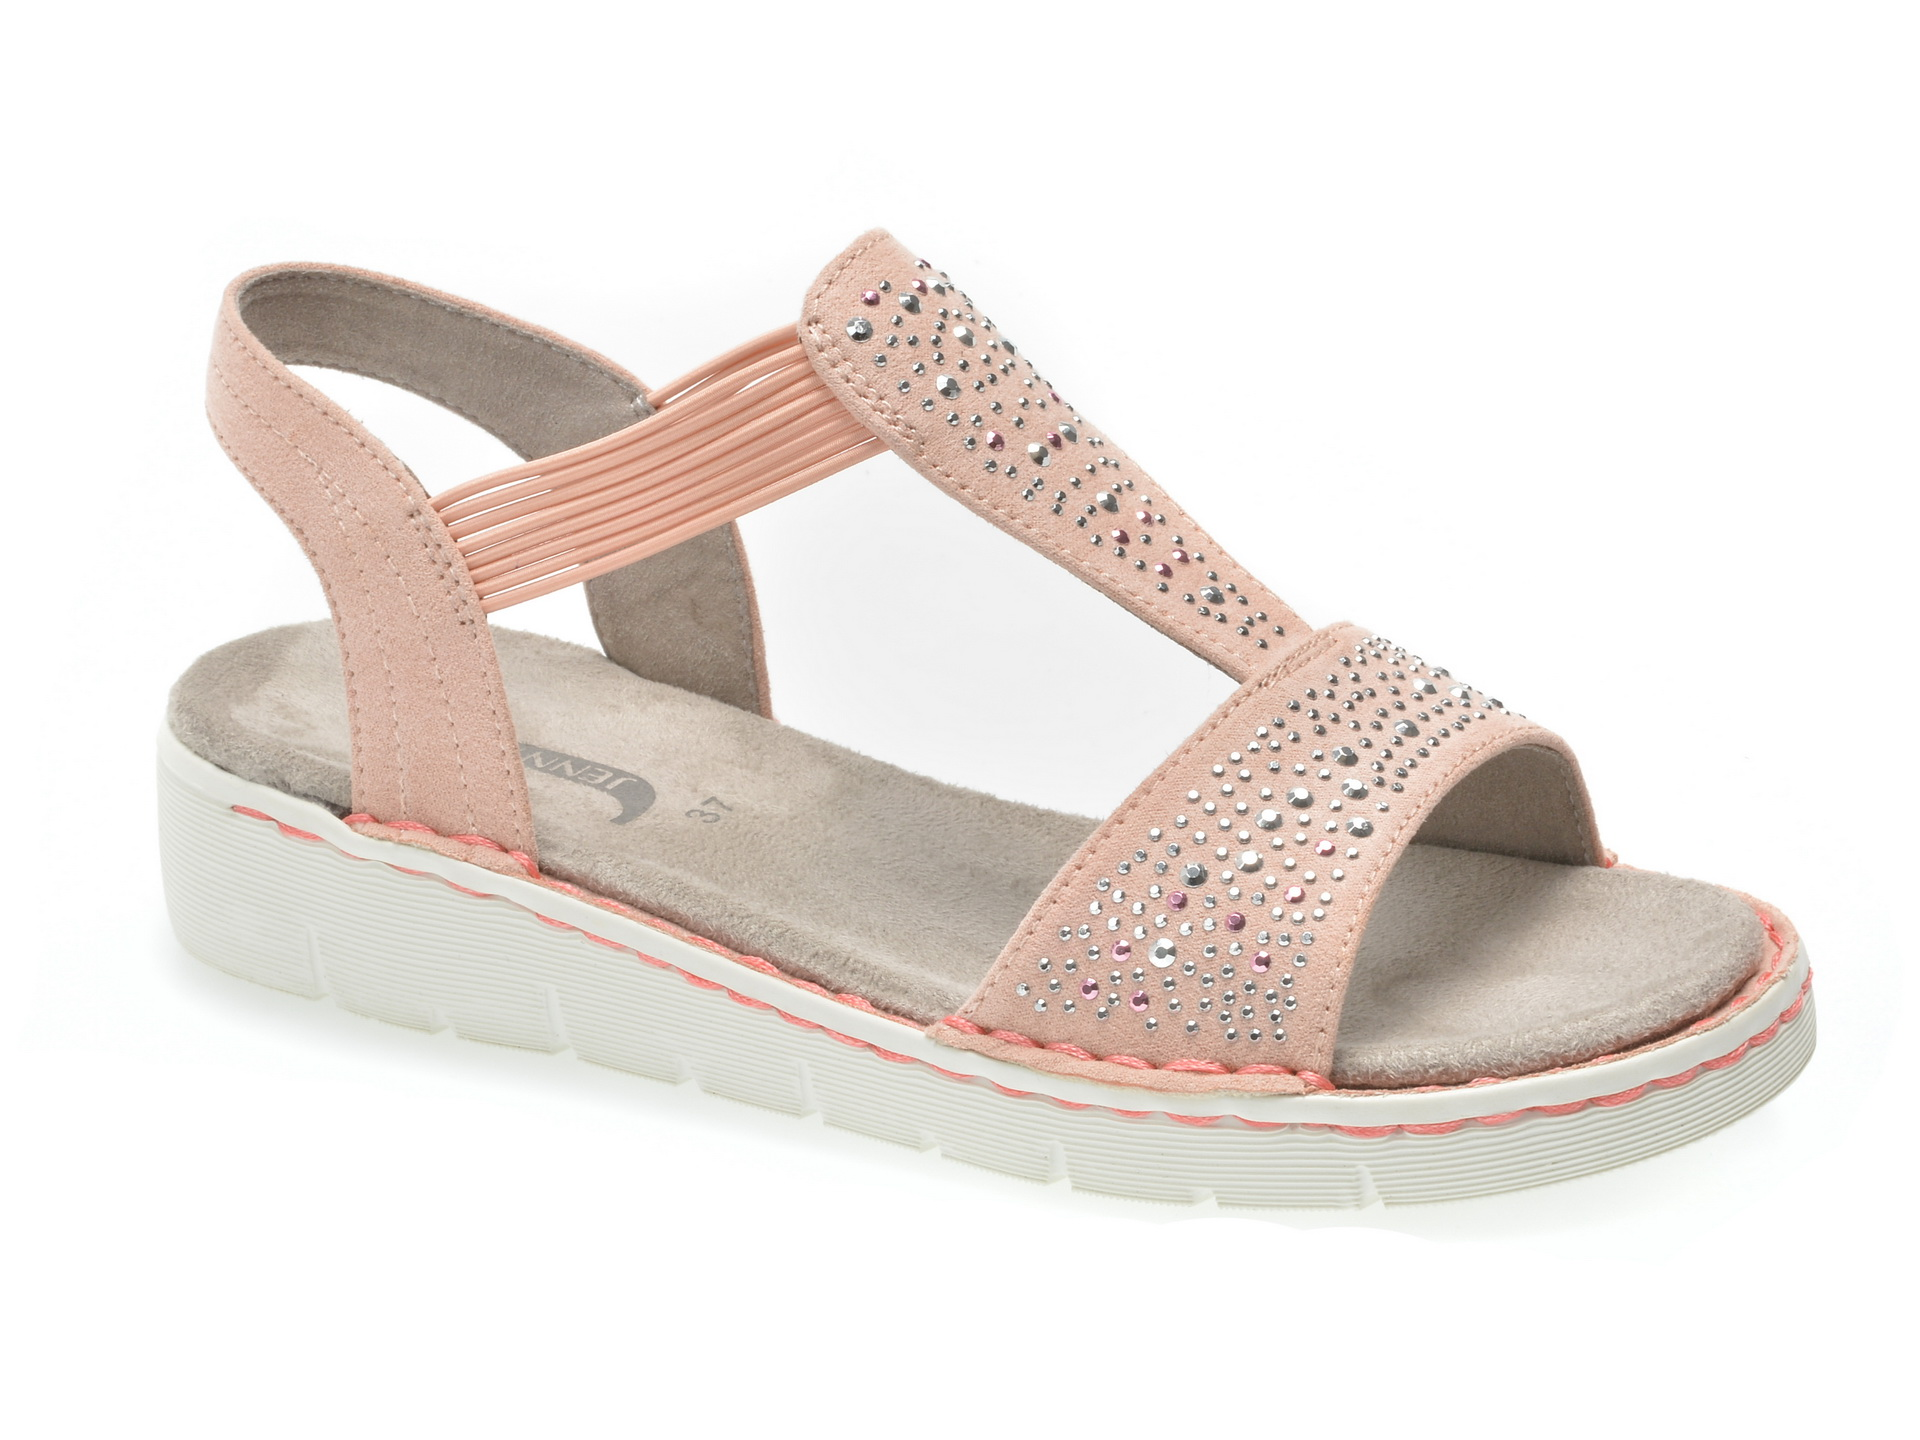 Sandale JENNY by ARA roz, 57203, din piele ecologica